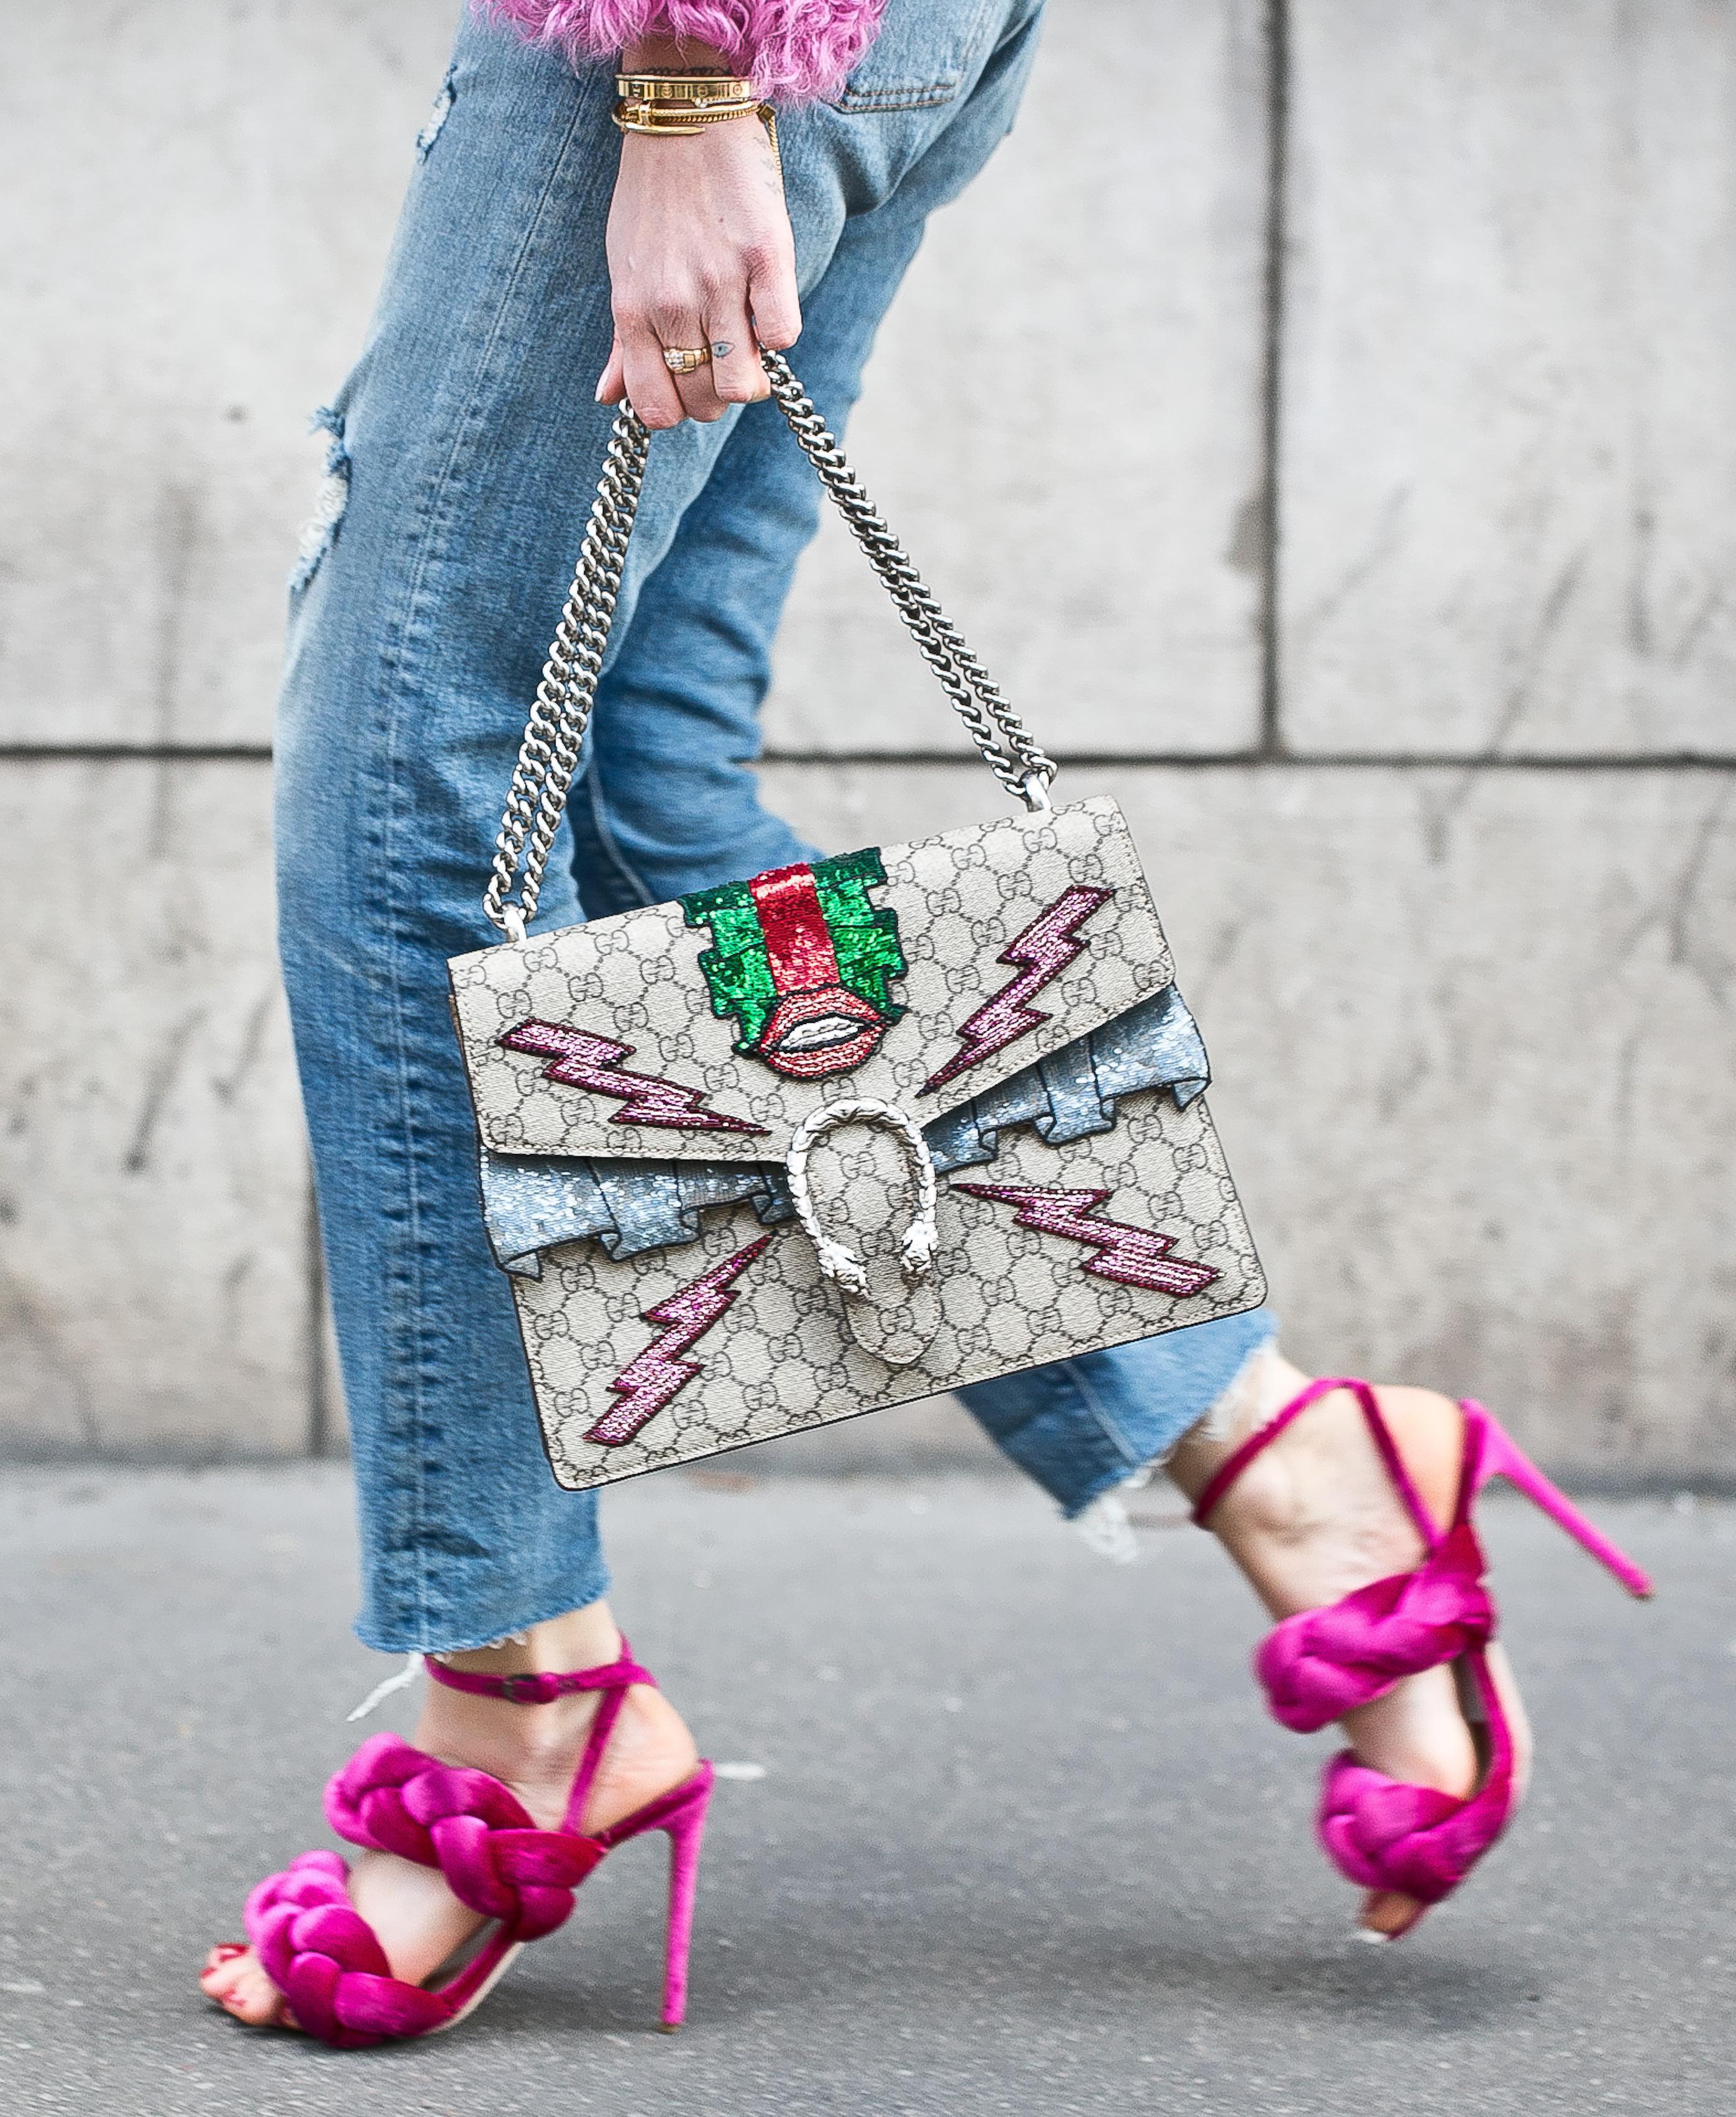 Sandale za koje će svi misliti da su dizajnerske, a prava je tajna: high street!